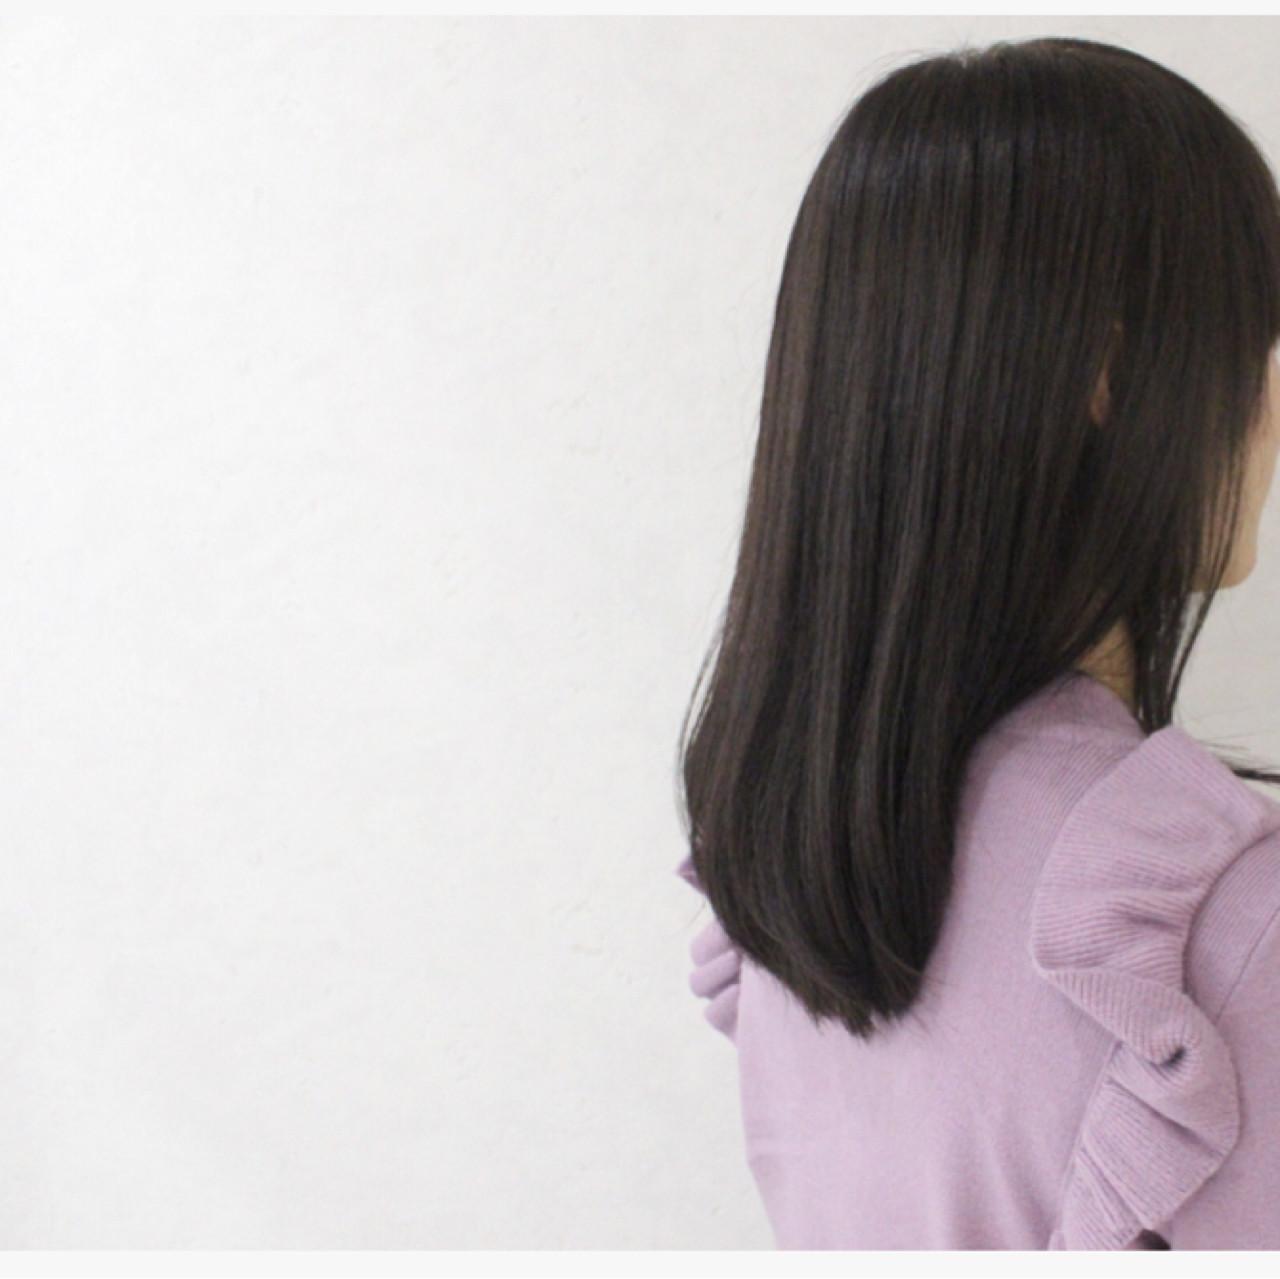 外国人風 アッシュ ミディアム 暗髪 ヘアスタイルや髪型の写真・画像 | 伊藤 貴昭 / CACINA  カシナ